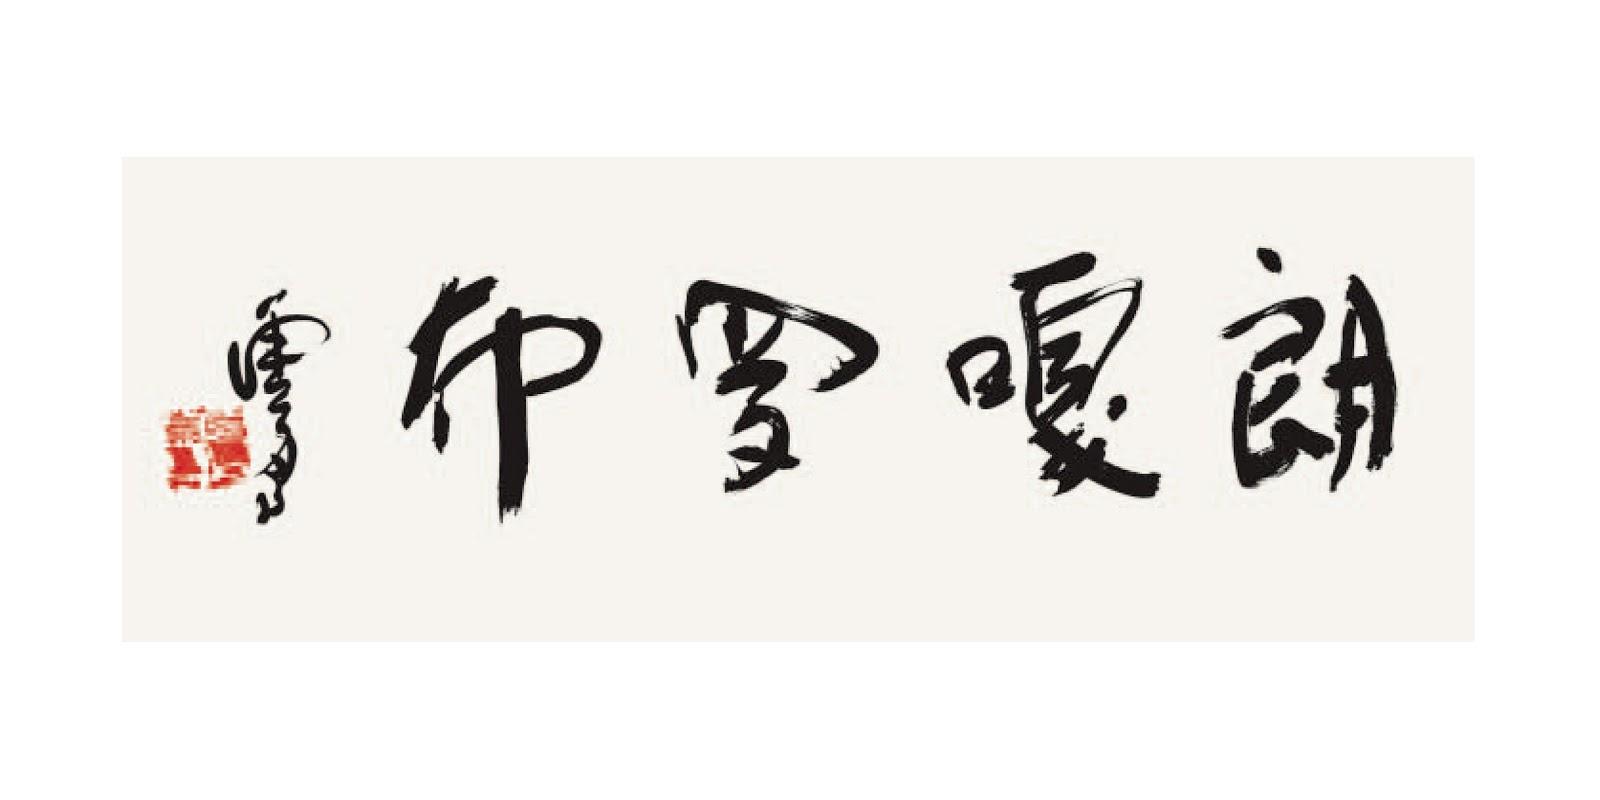 中文書法欣賞(二)H.H.第三世多杰羌佛/CHINESE CALLIGRAPHY(2)H.H. DORJE CHANG BUDDHA III